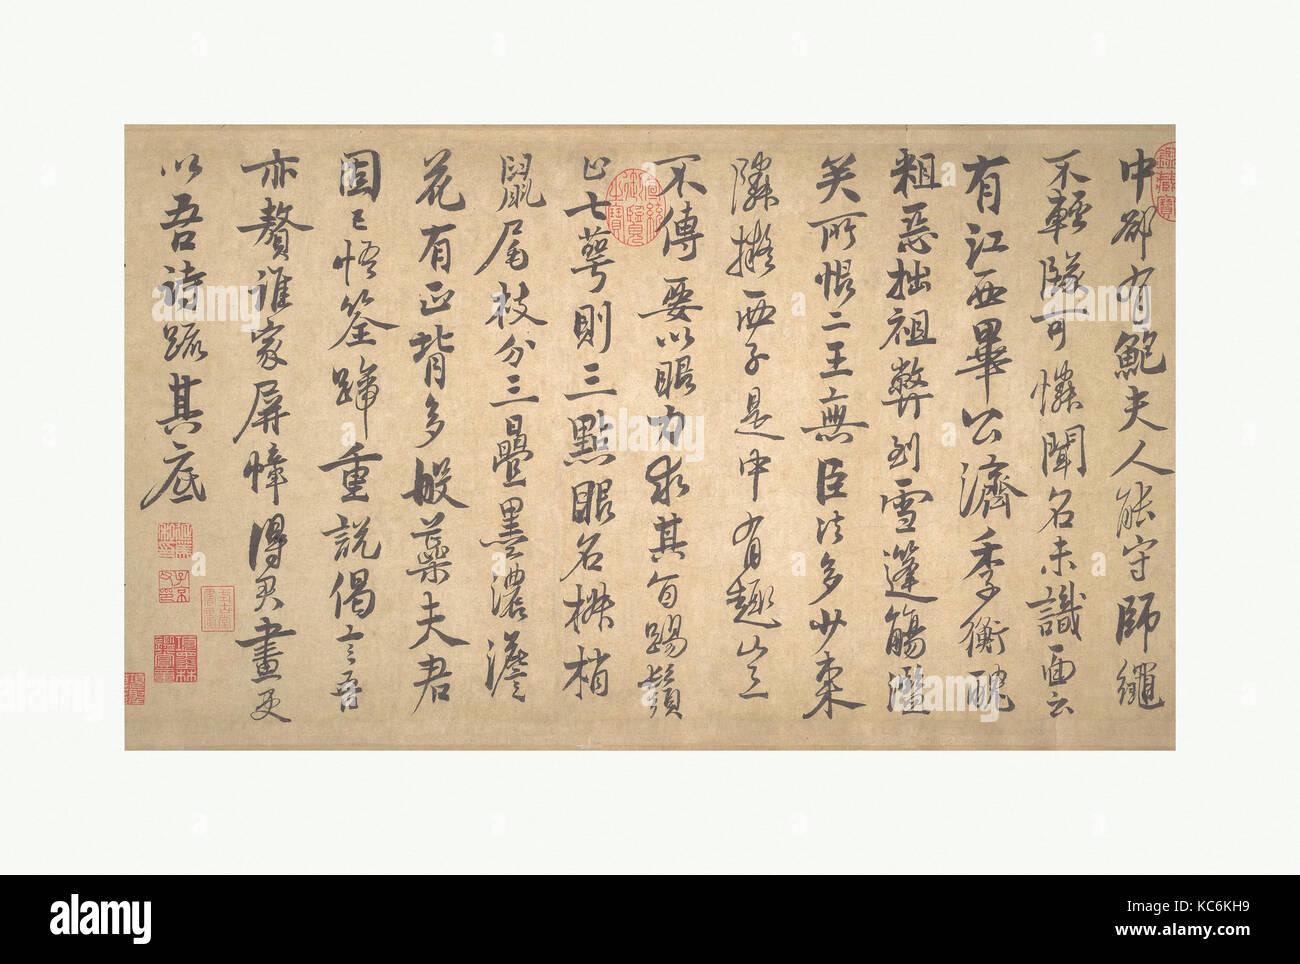 南宋  趙孟堅  行書梅竹詩譜  卷, Poems on Painting Plum Blossoms and Bamboo, Zhao Mengjian, dated 1260 - Stock Image